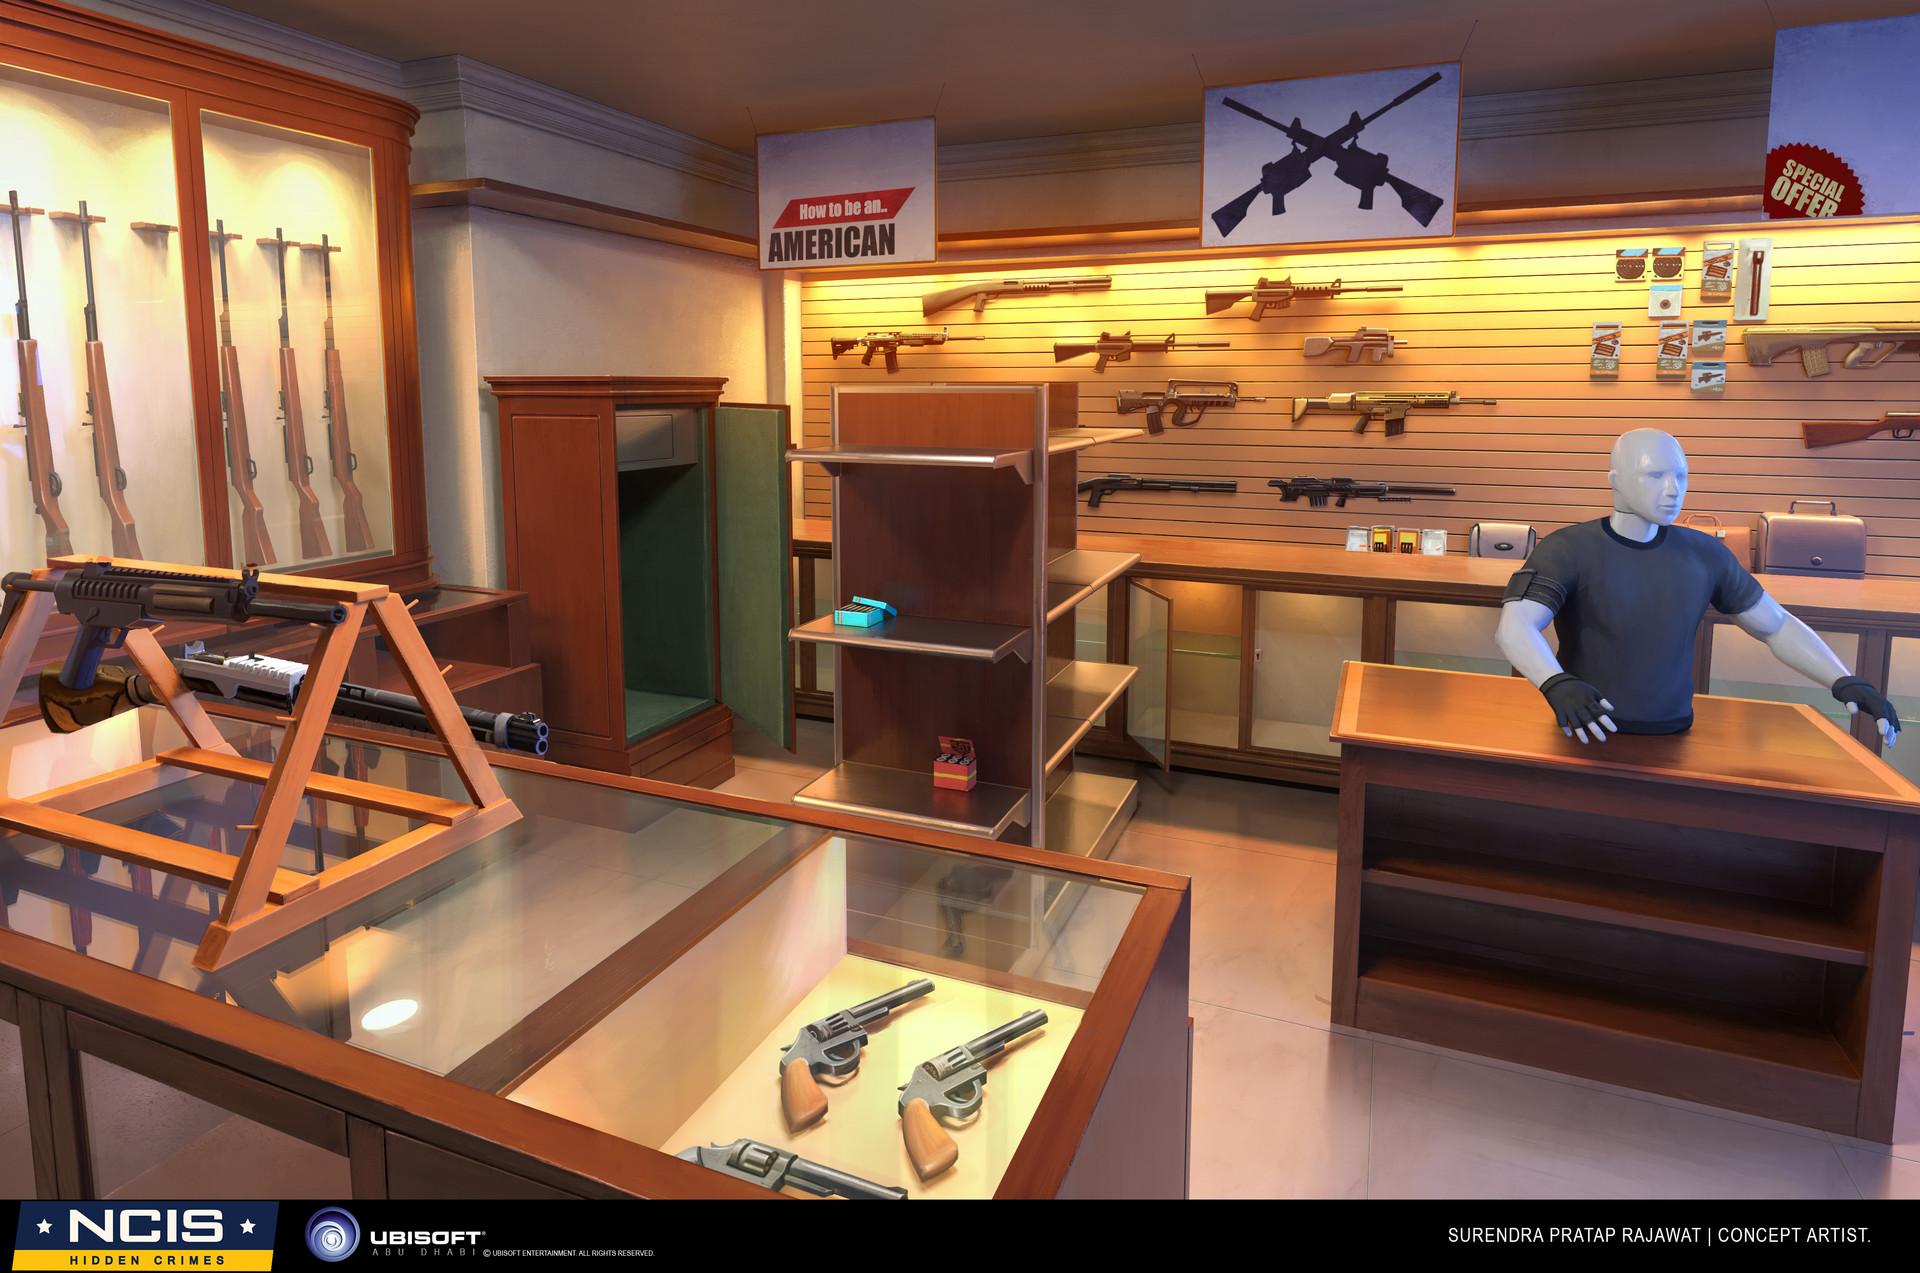 Surendra pratap singh rajawat gunshop concept